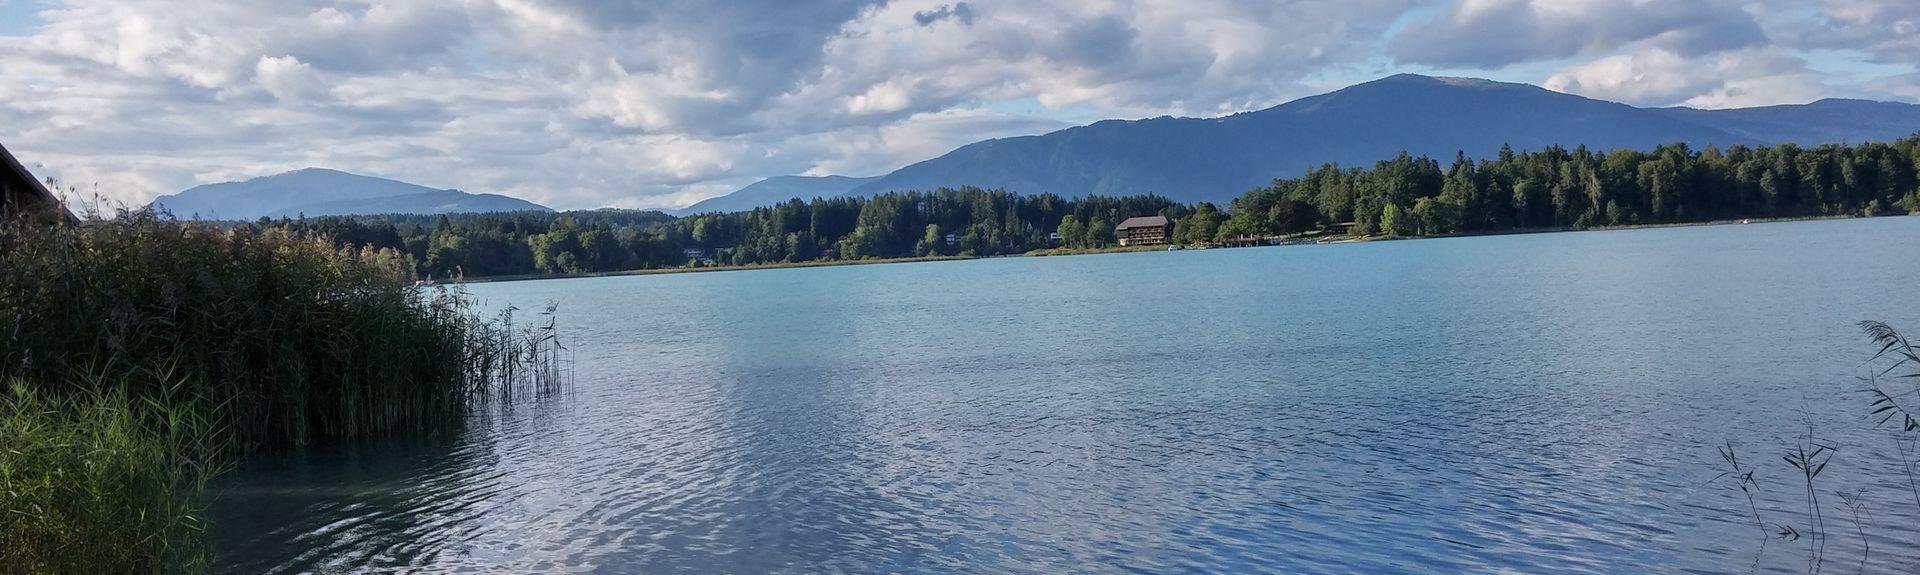 Rosegg, Austria